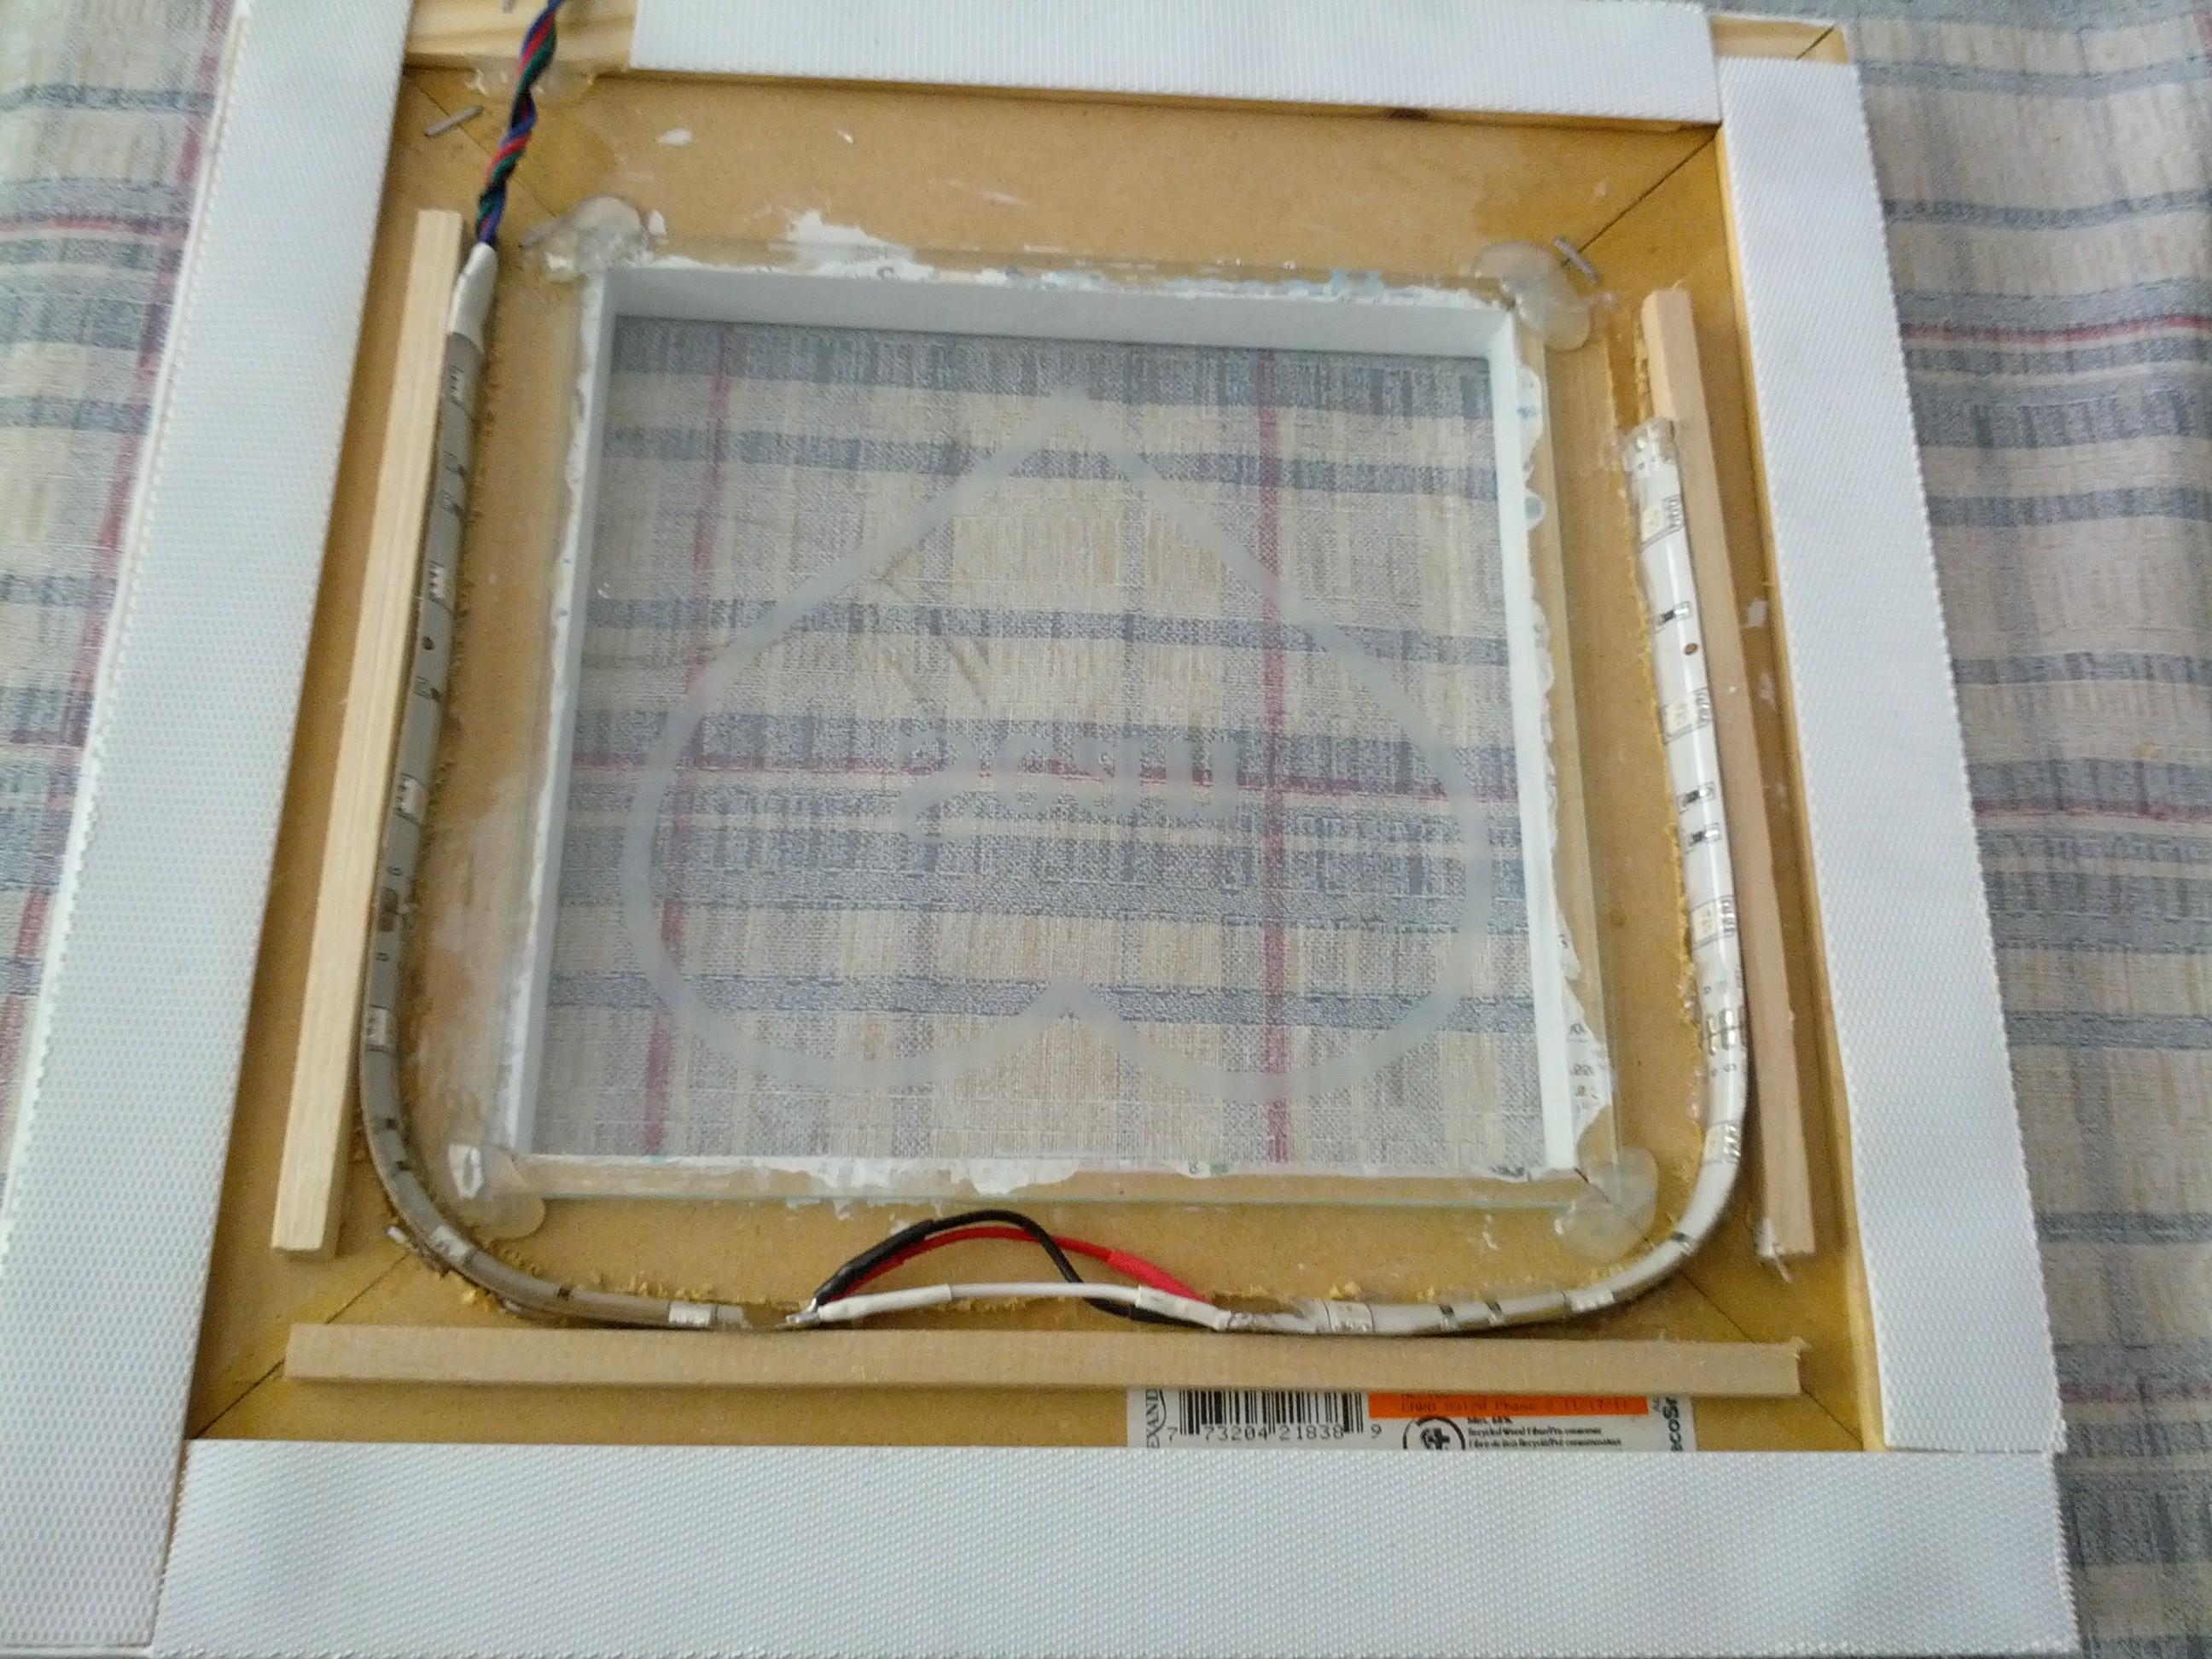 Inside The Frame